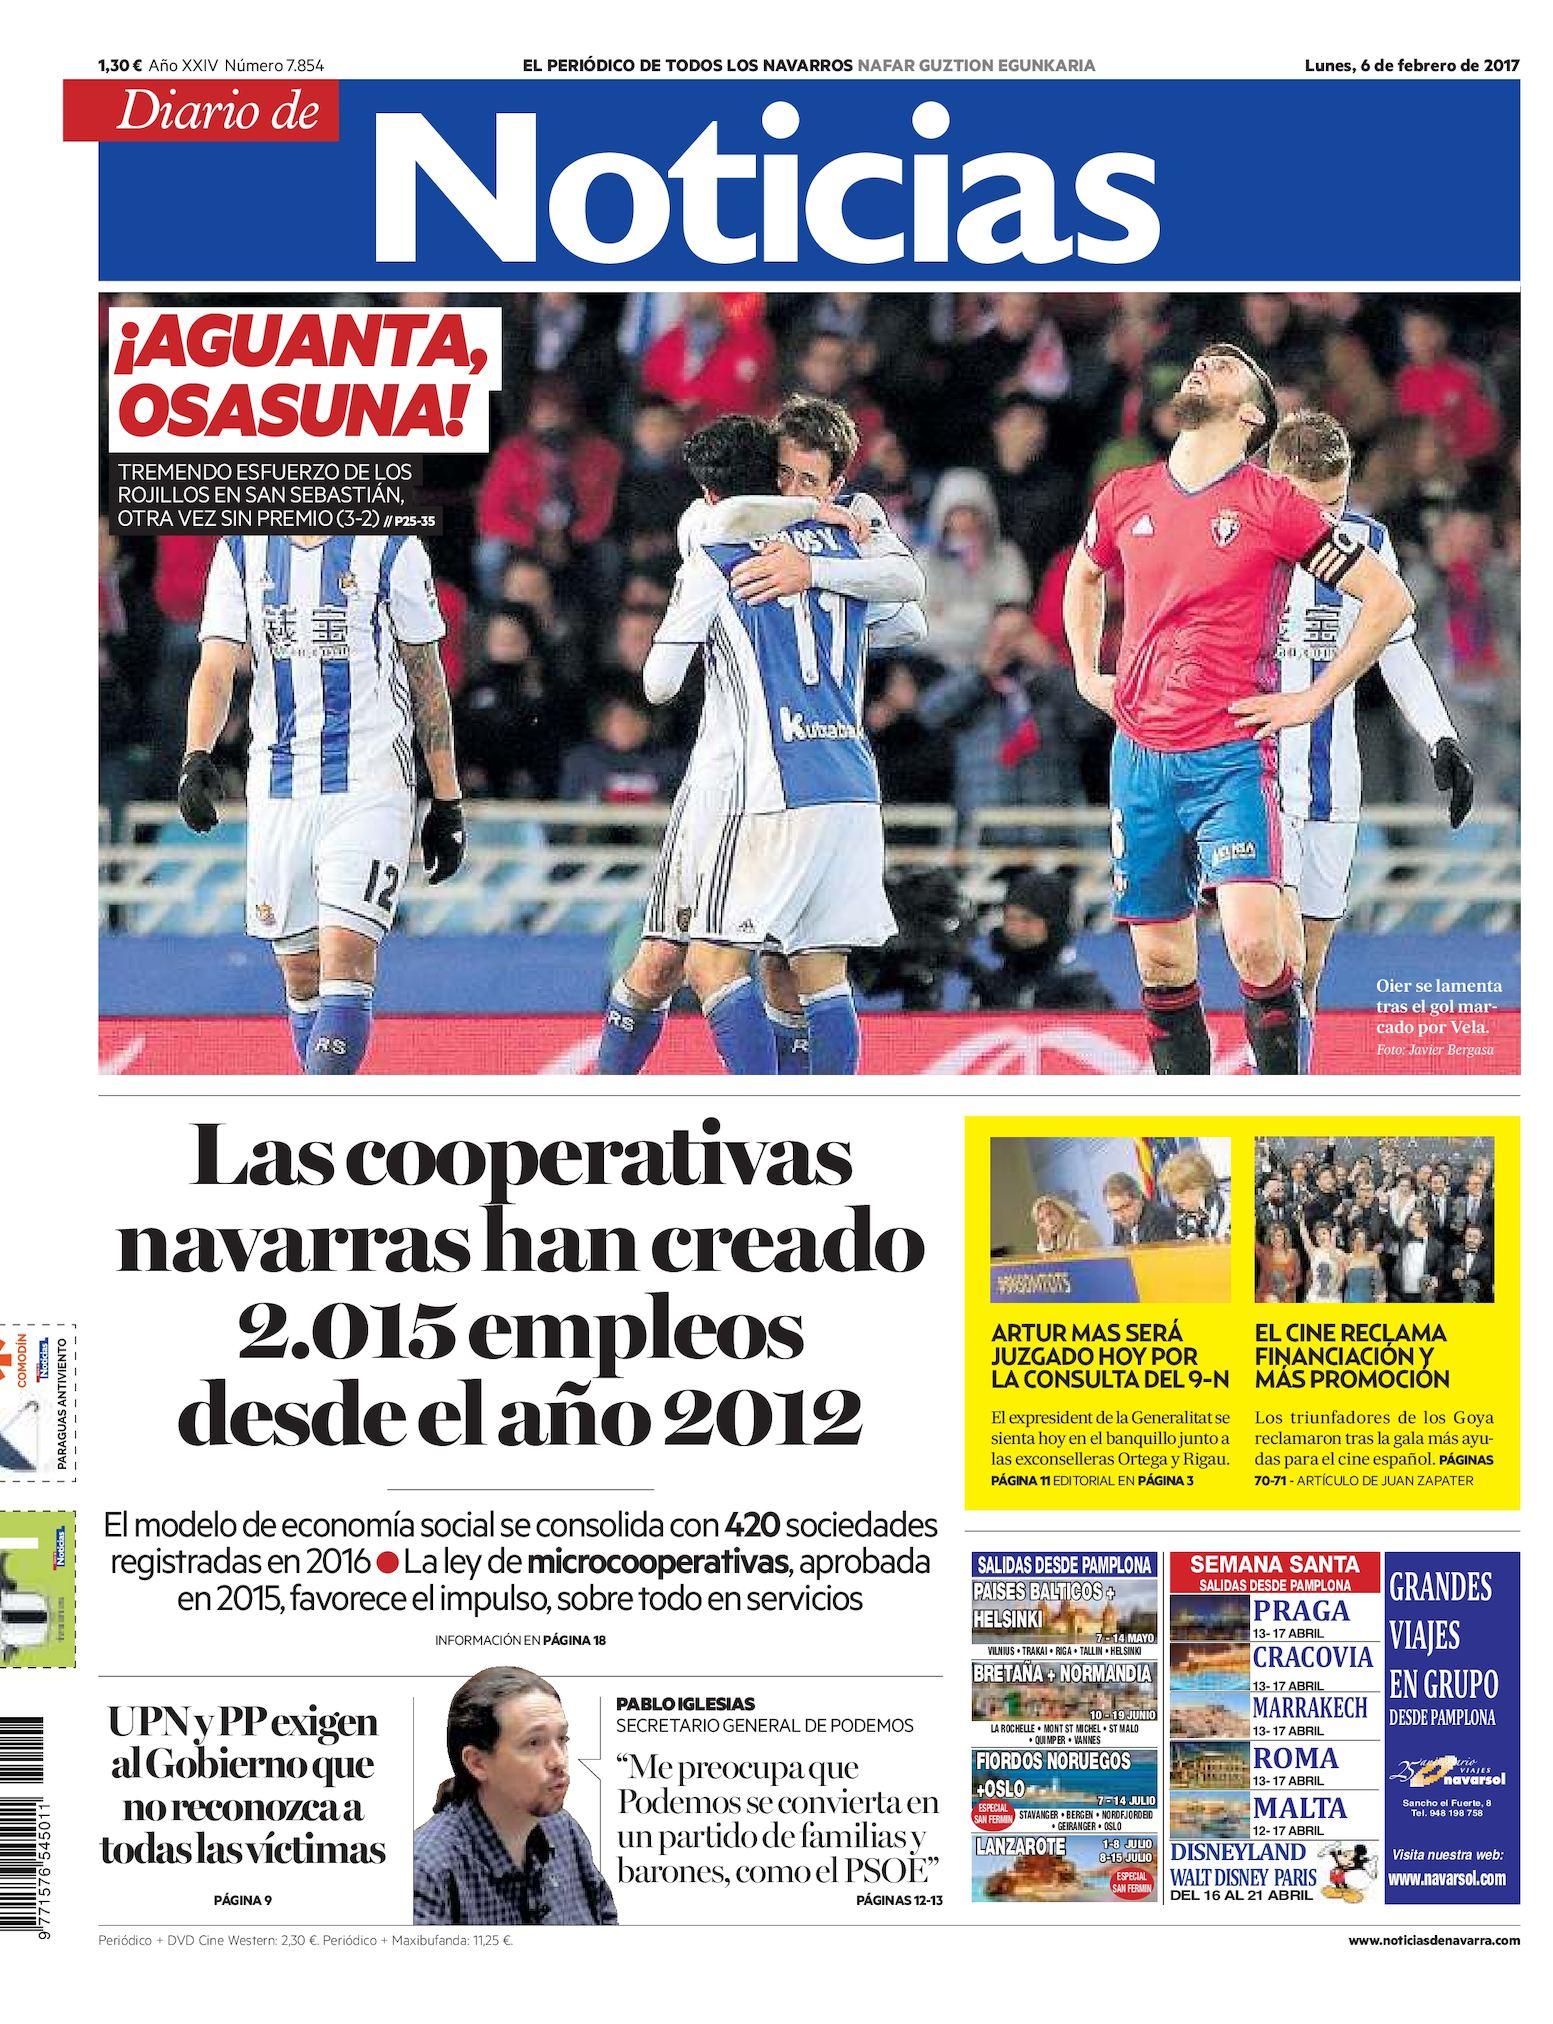 054560761 Calaméo - Diario de Noticias 20170206